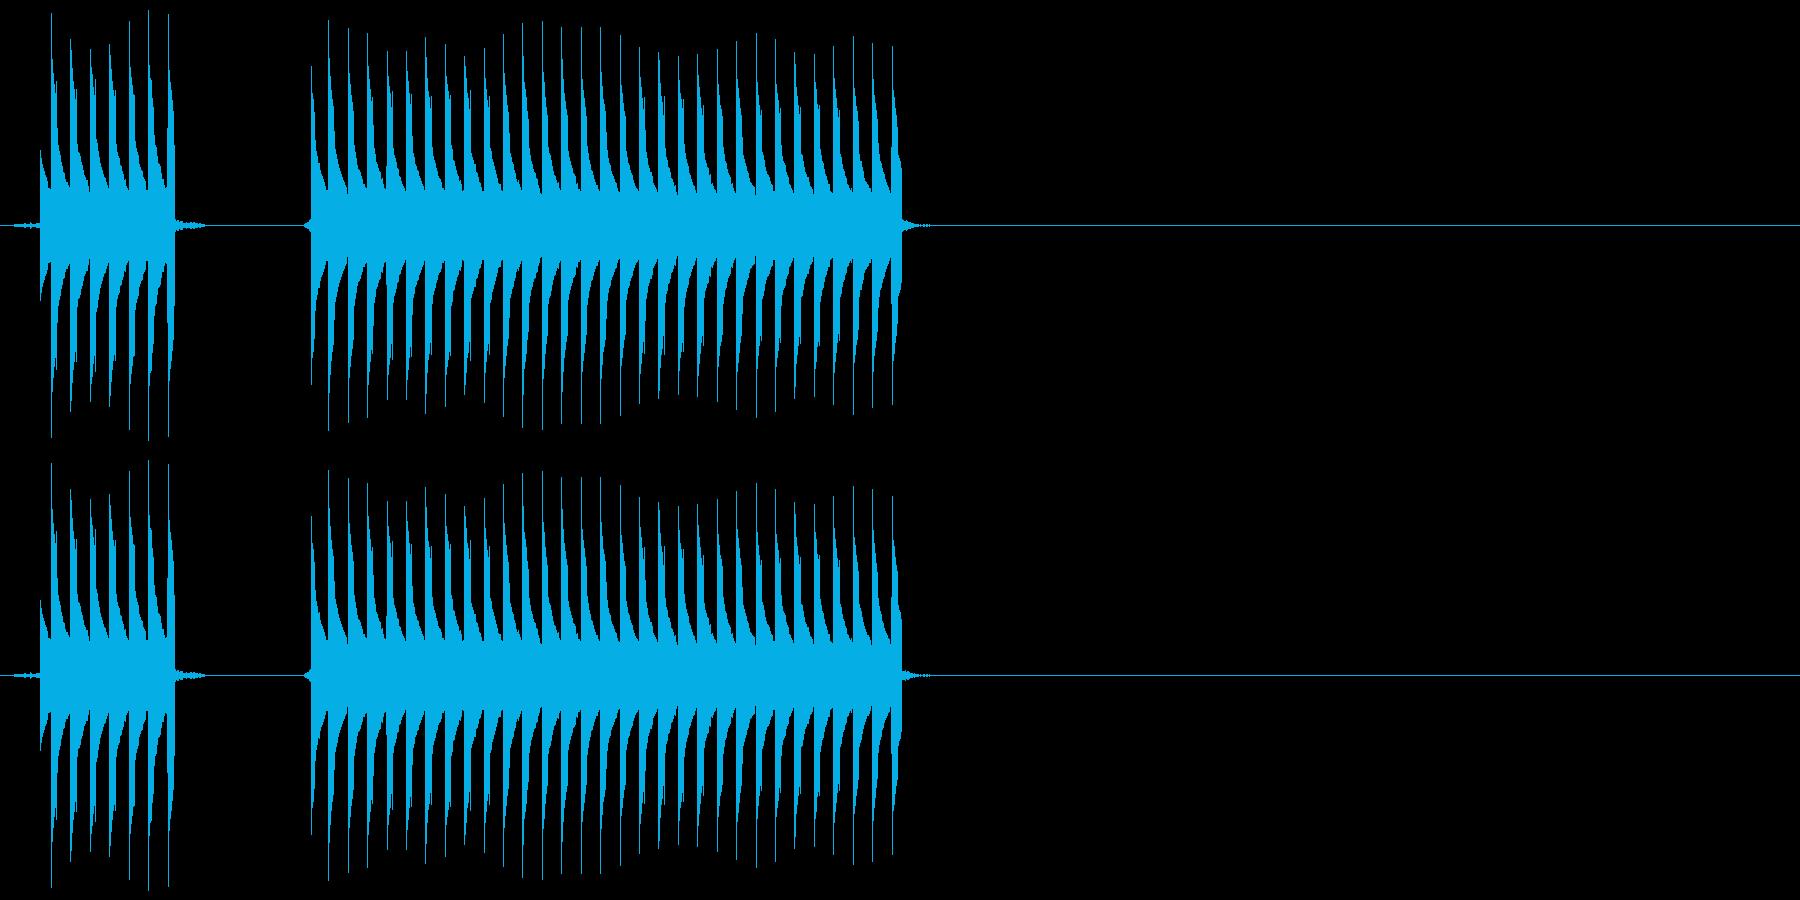 【SE】不正解02(ブブー)の再生済みの波形